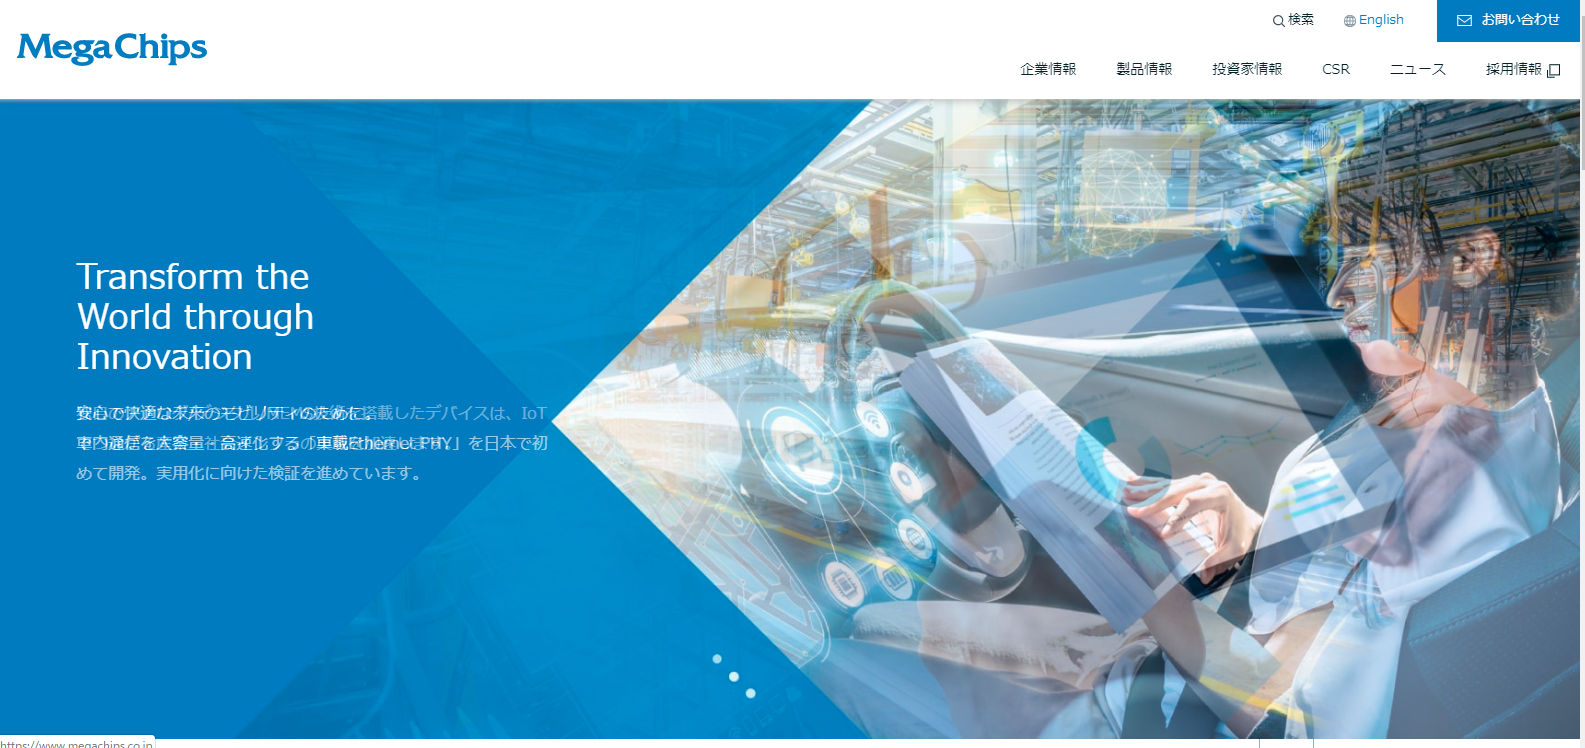 メガチップス インフラ向けPLC通信規格 「IoT PLC」採用 へ